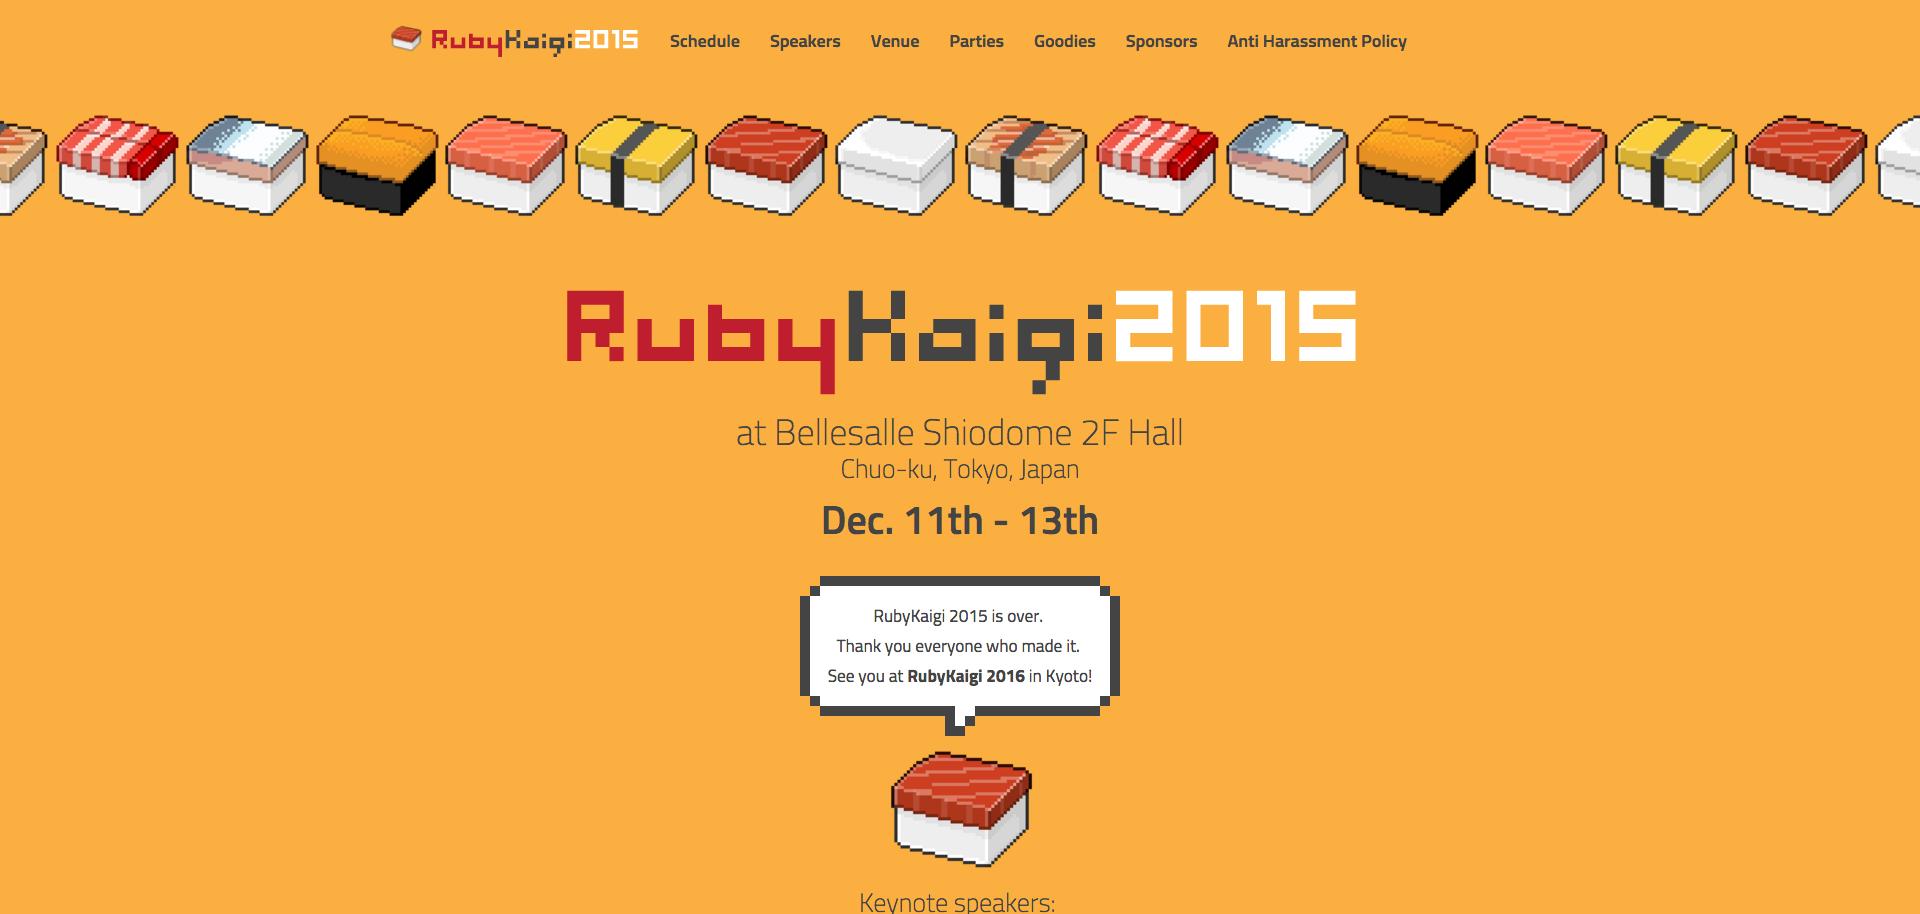 RubyKaigi 2015